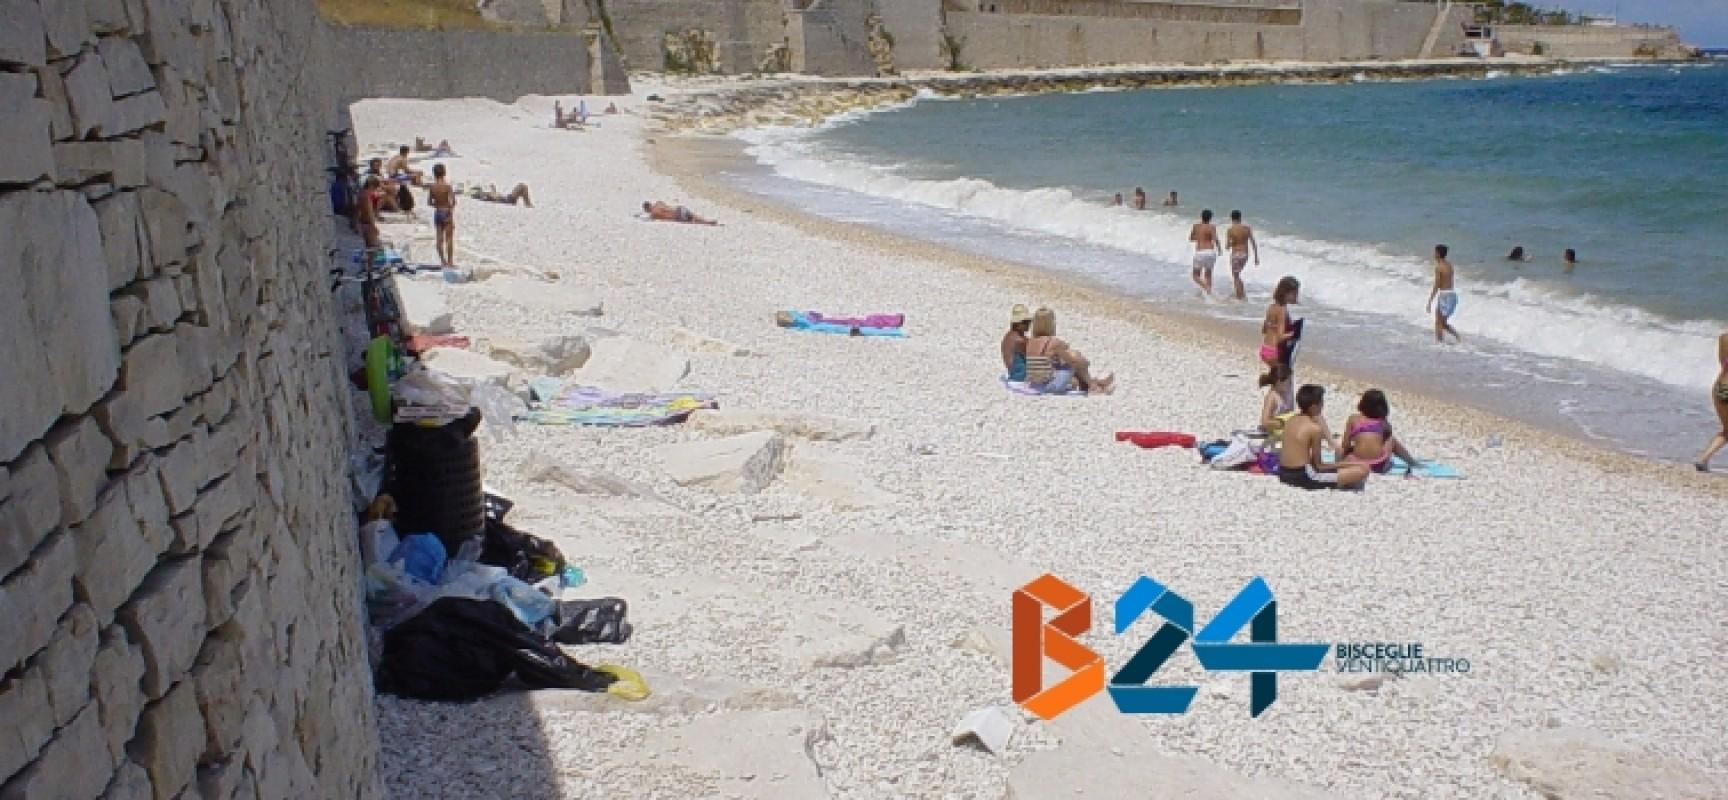 Concessione spiagge, approvato dal Comune lo schema del bando di concorso